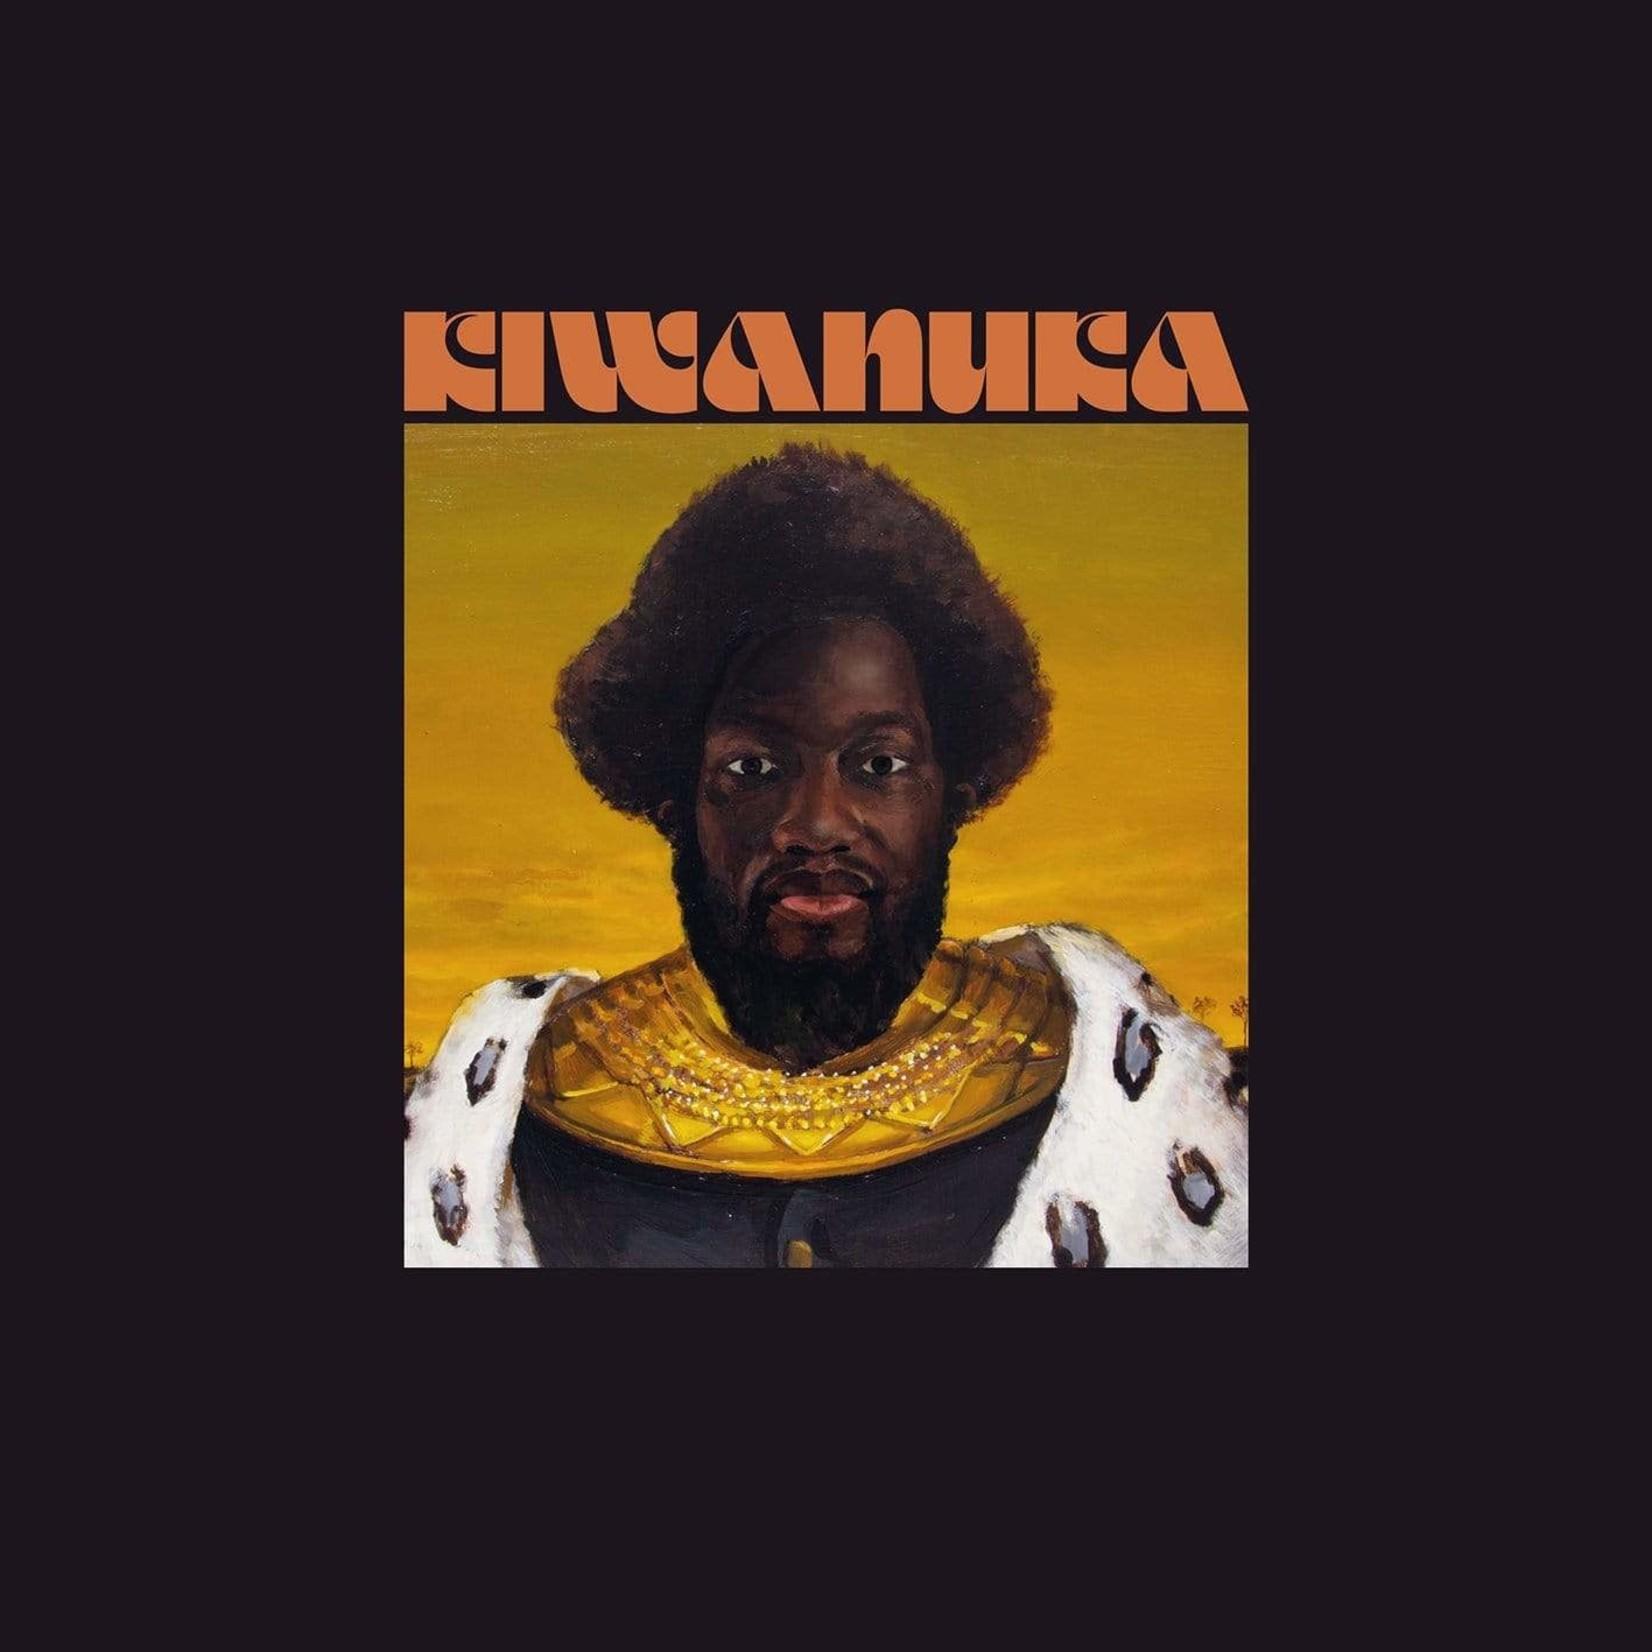 [New] Kiwanuka, Michael: Kiwanuka (2LP, yellow vinyl)